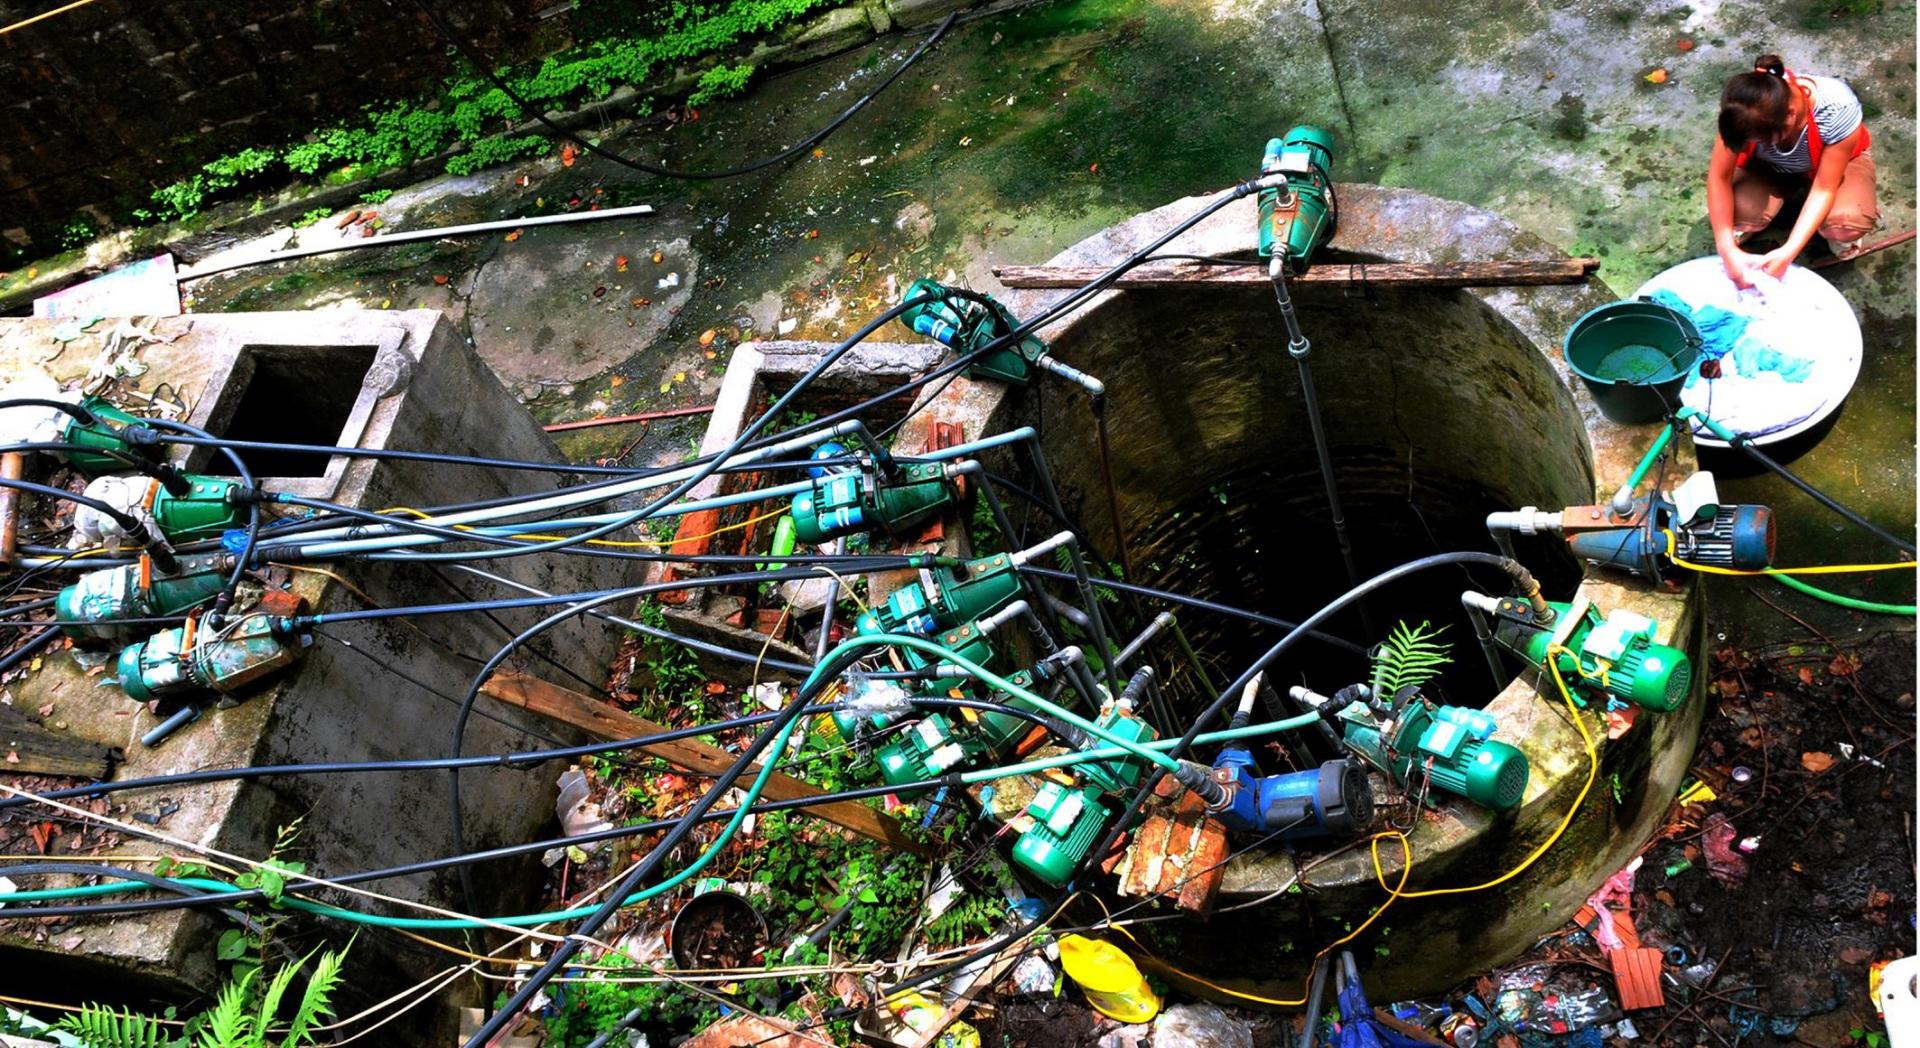 Chủ động thực hiện các biện pháp cấp bách trong phòng, chống hạn hán, thiếu nước, xâm nhập mặn tại ĐBSCL trong mùa khô 2020-2021